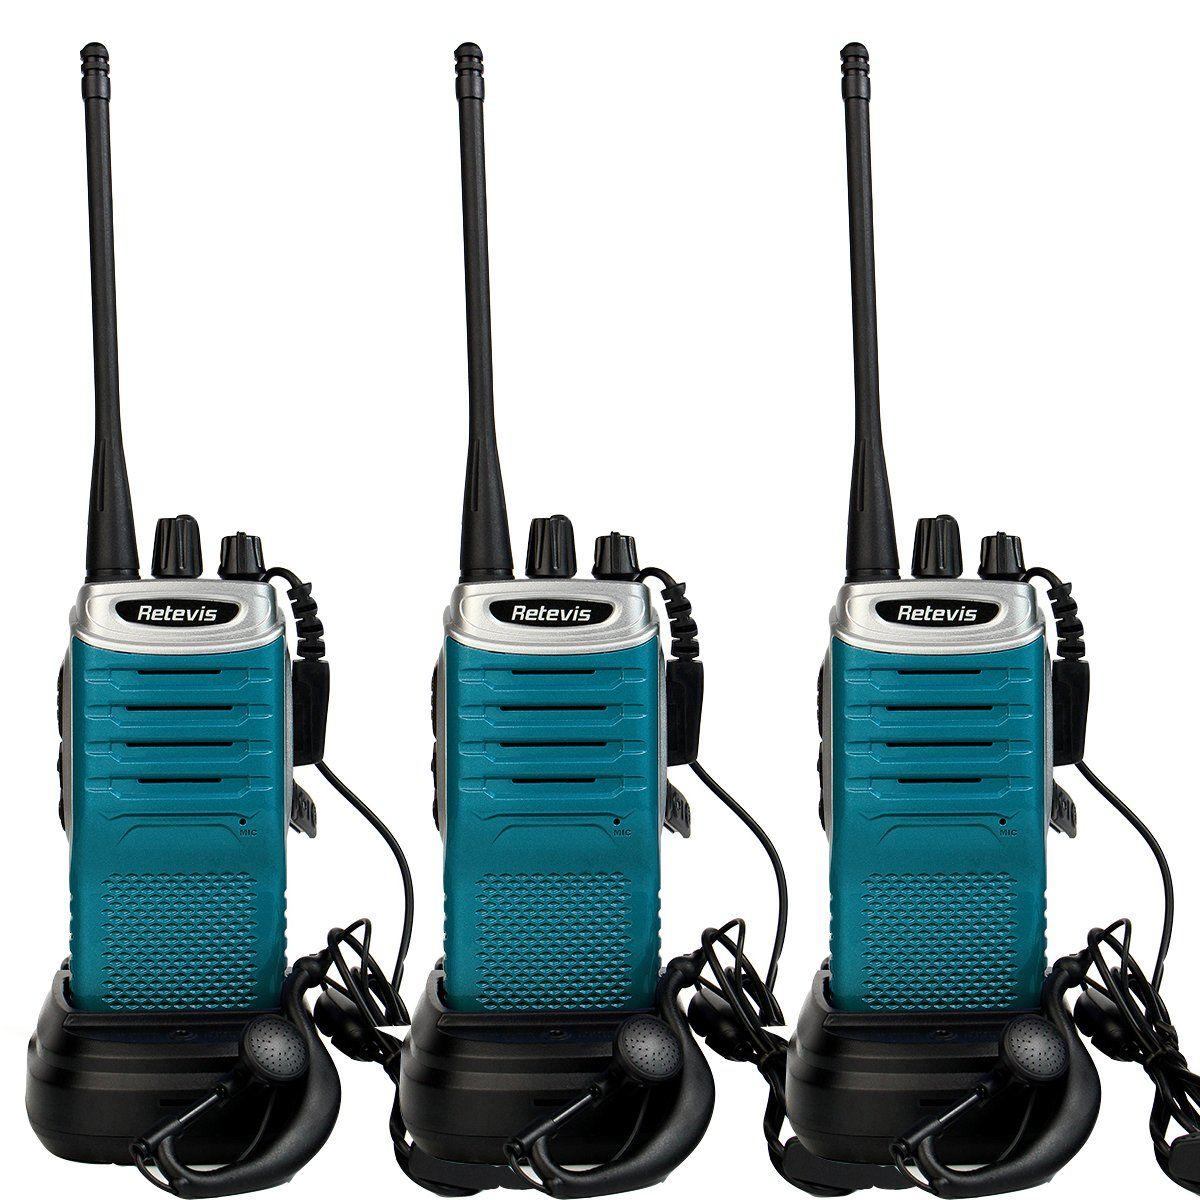 Retevis RT7 2 Way Radio 16 CH UHF 400-470MHz FM Radio VOX Scan